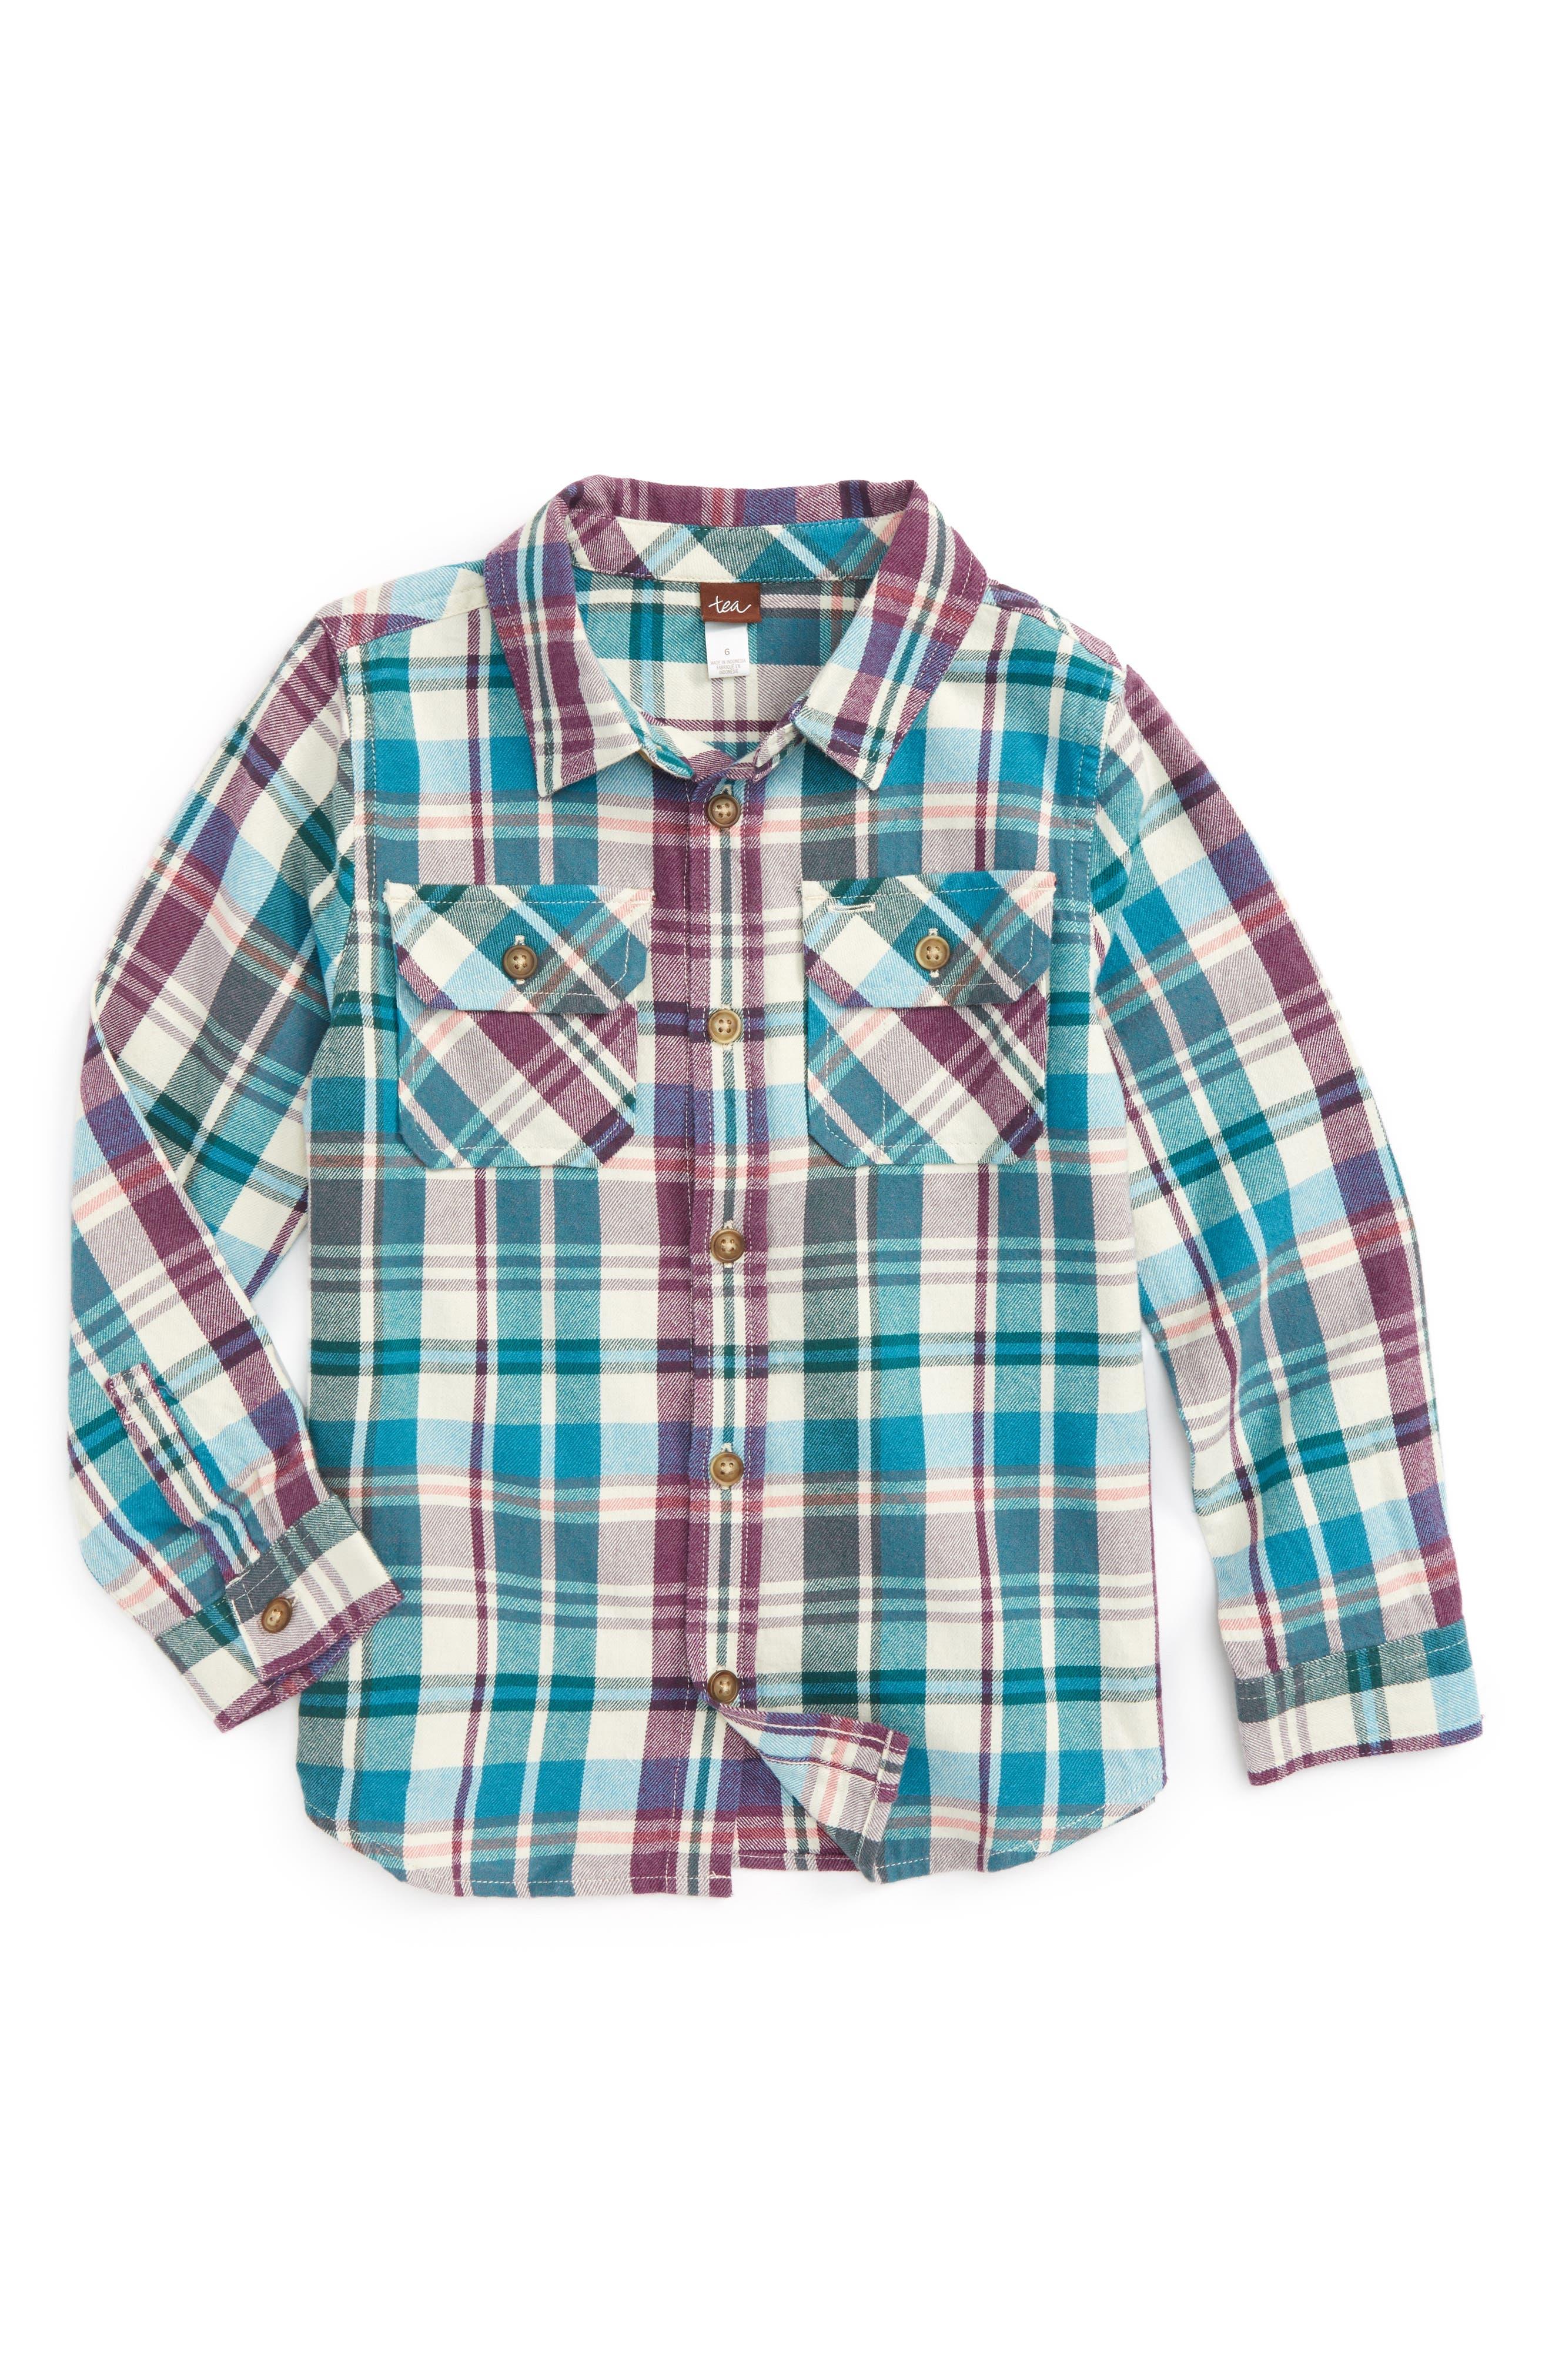 Beaufort Plaid Flannel Shirt,                             Main thumbnail 1, color,                             440